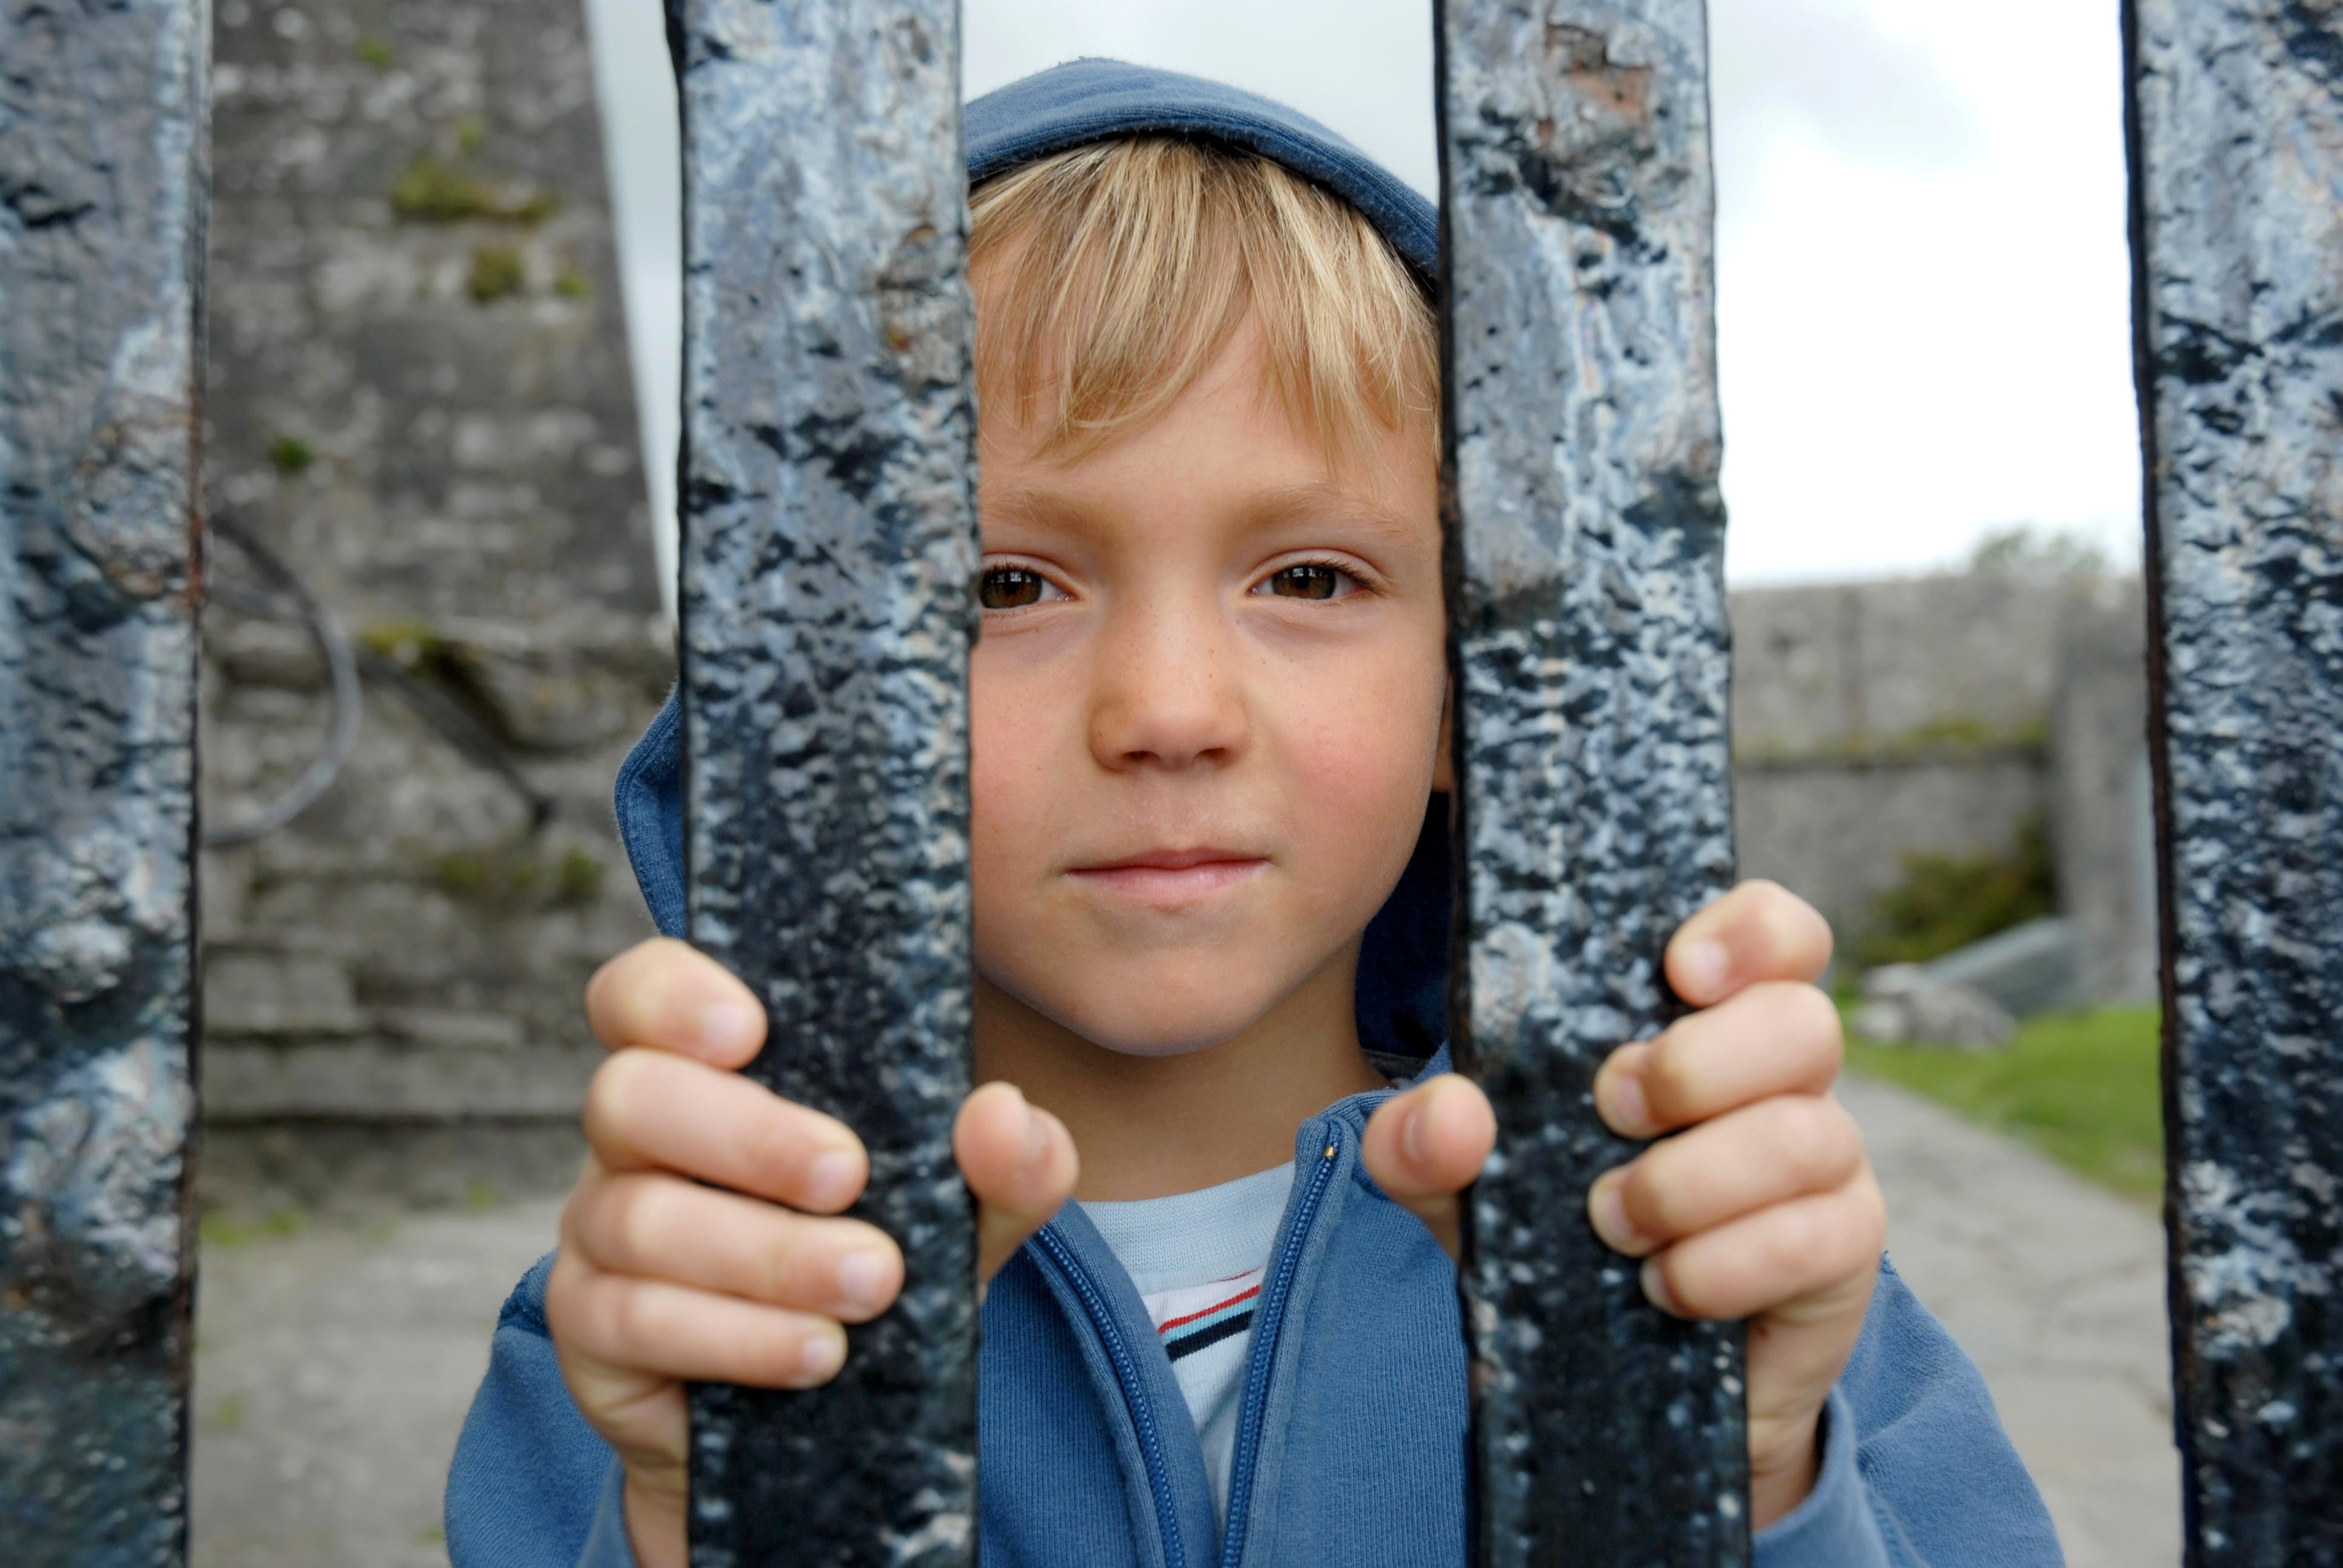 """Deti s Aspergerovým syndrómom sú často """"vyhnané"""" z kolektívu, hoci veľmi túžia po priateľstvách..."""